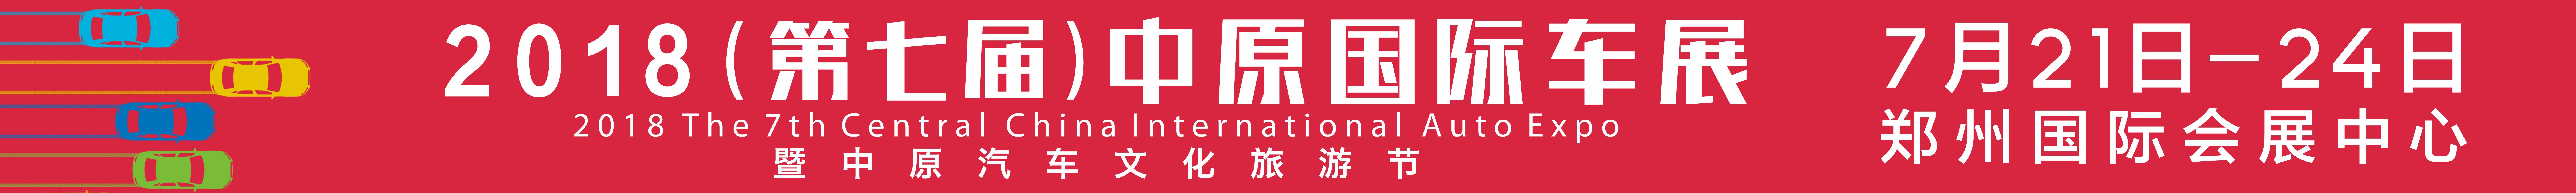 7月21日-24日2018第七届中原国际车展开幕